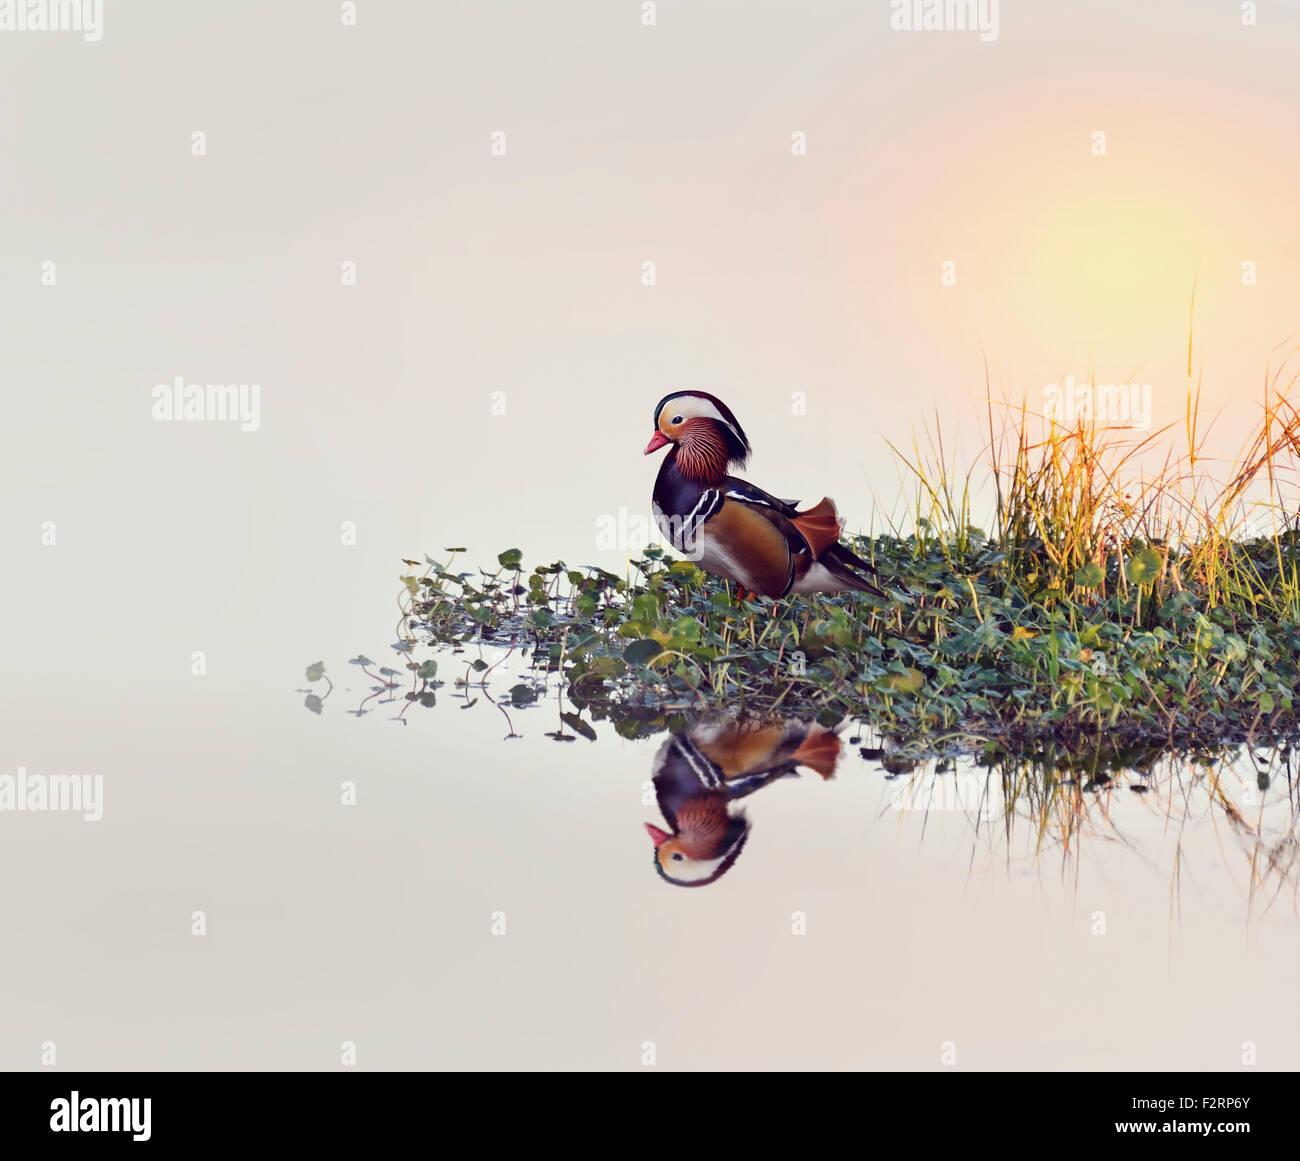 Maschi di Anatra di mandarino, sulle sponde di un lago. Immagini Stock